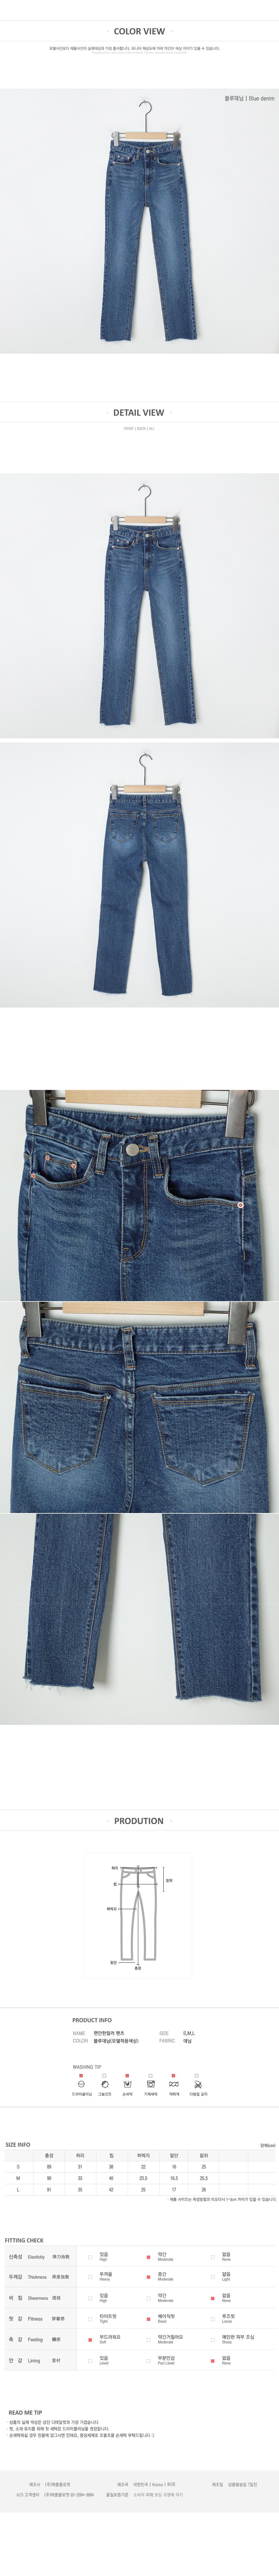 Comfortable color pants